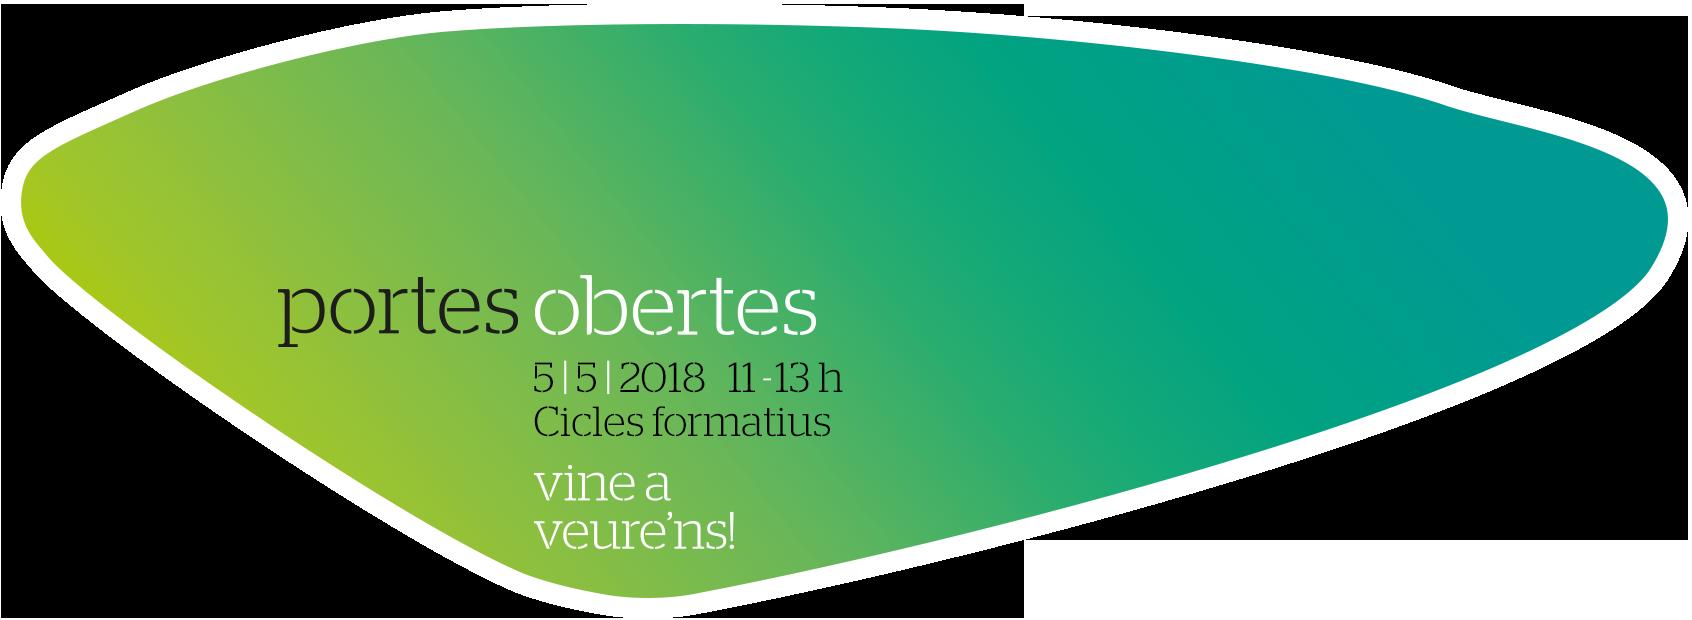 Portes Obertes - 05/05/2018 - CICLES FORMATIUS